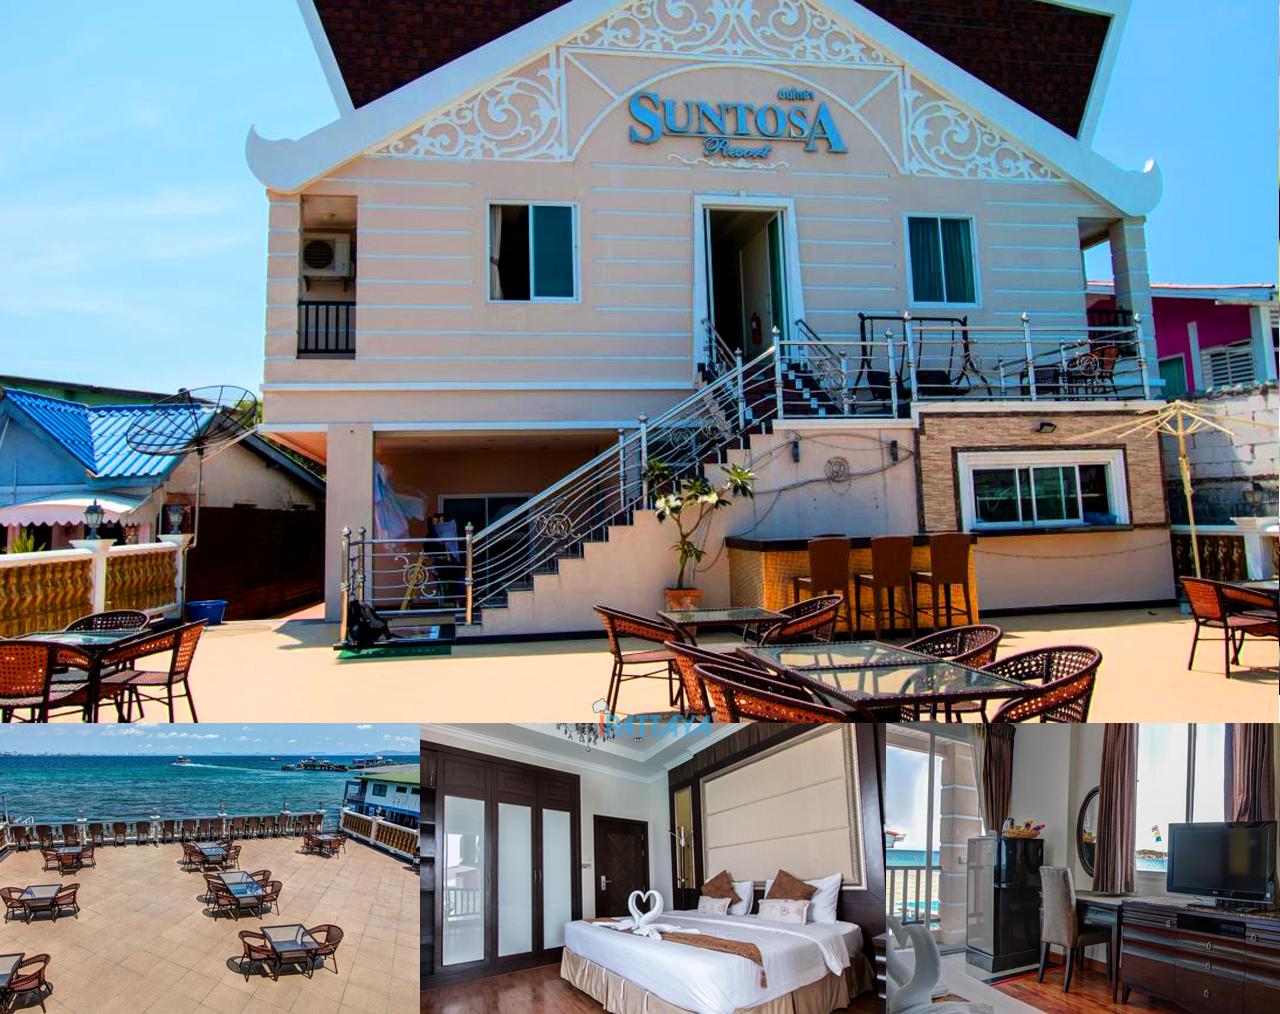 ห้องพักเกาะล้าน ซันโตซา รีสอร์ท